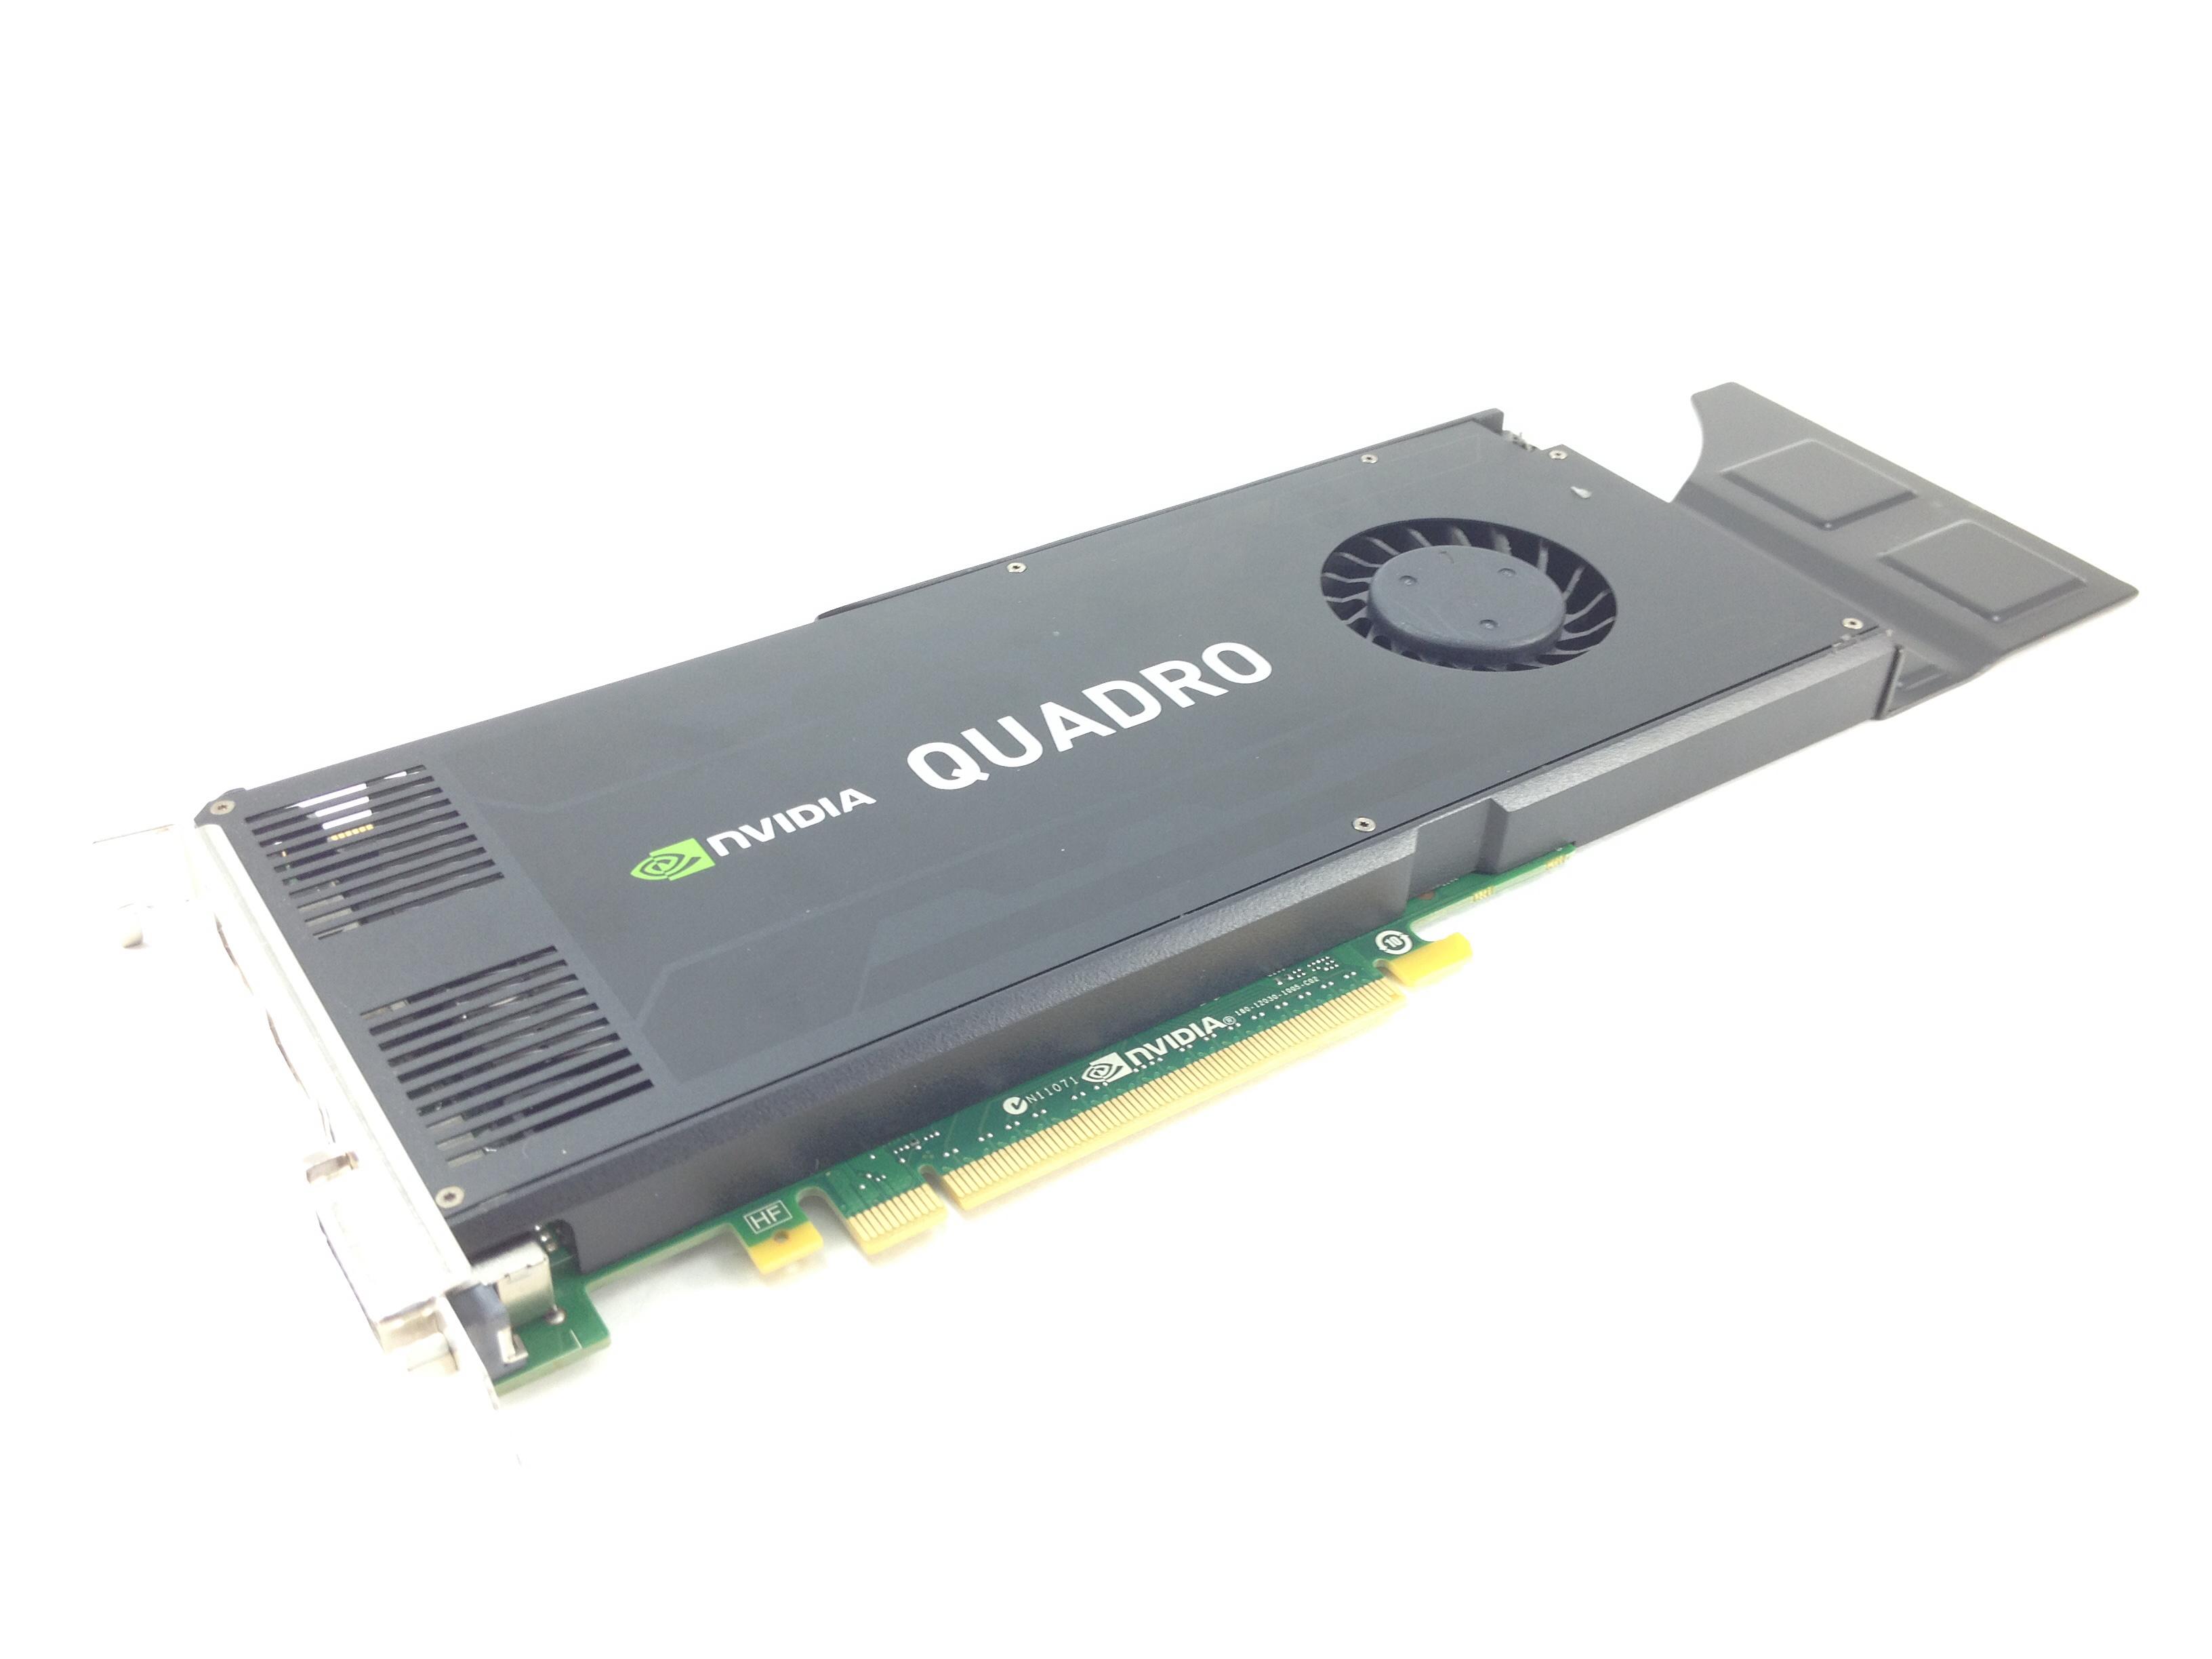 IBM NVIDIA Quadro K4000 3GB GDDR5 PCl-E 2.0 x16 Video Graphics Card (03T8312)